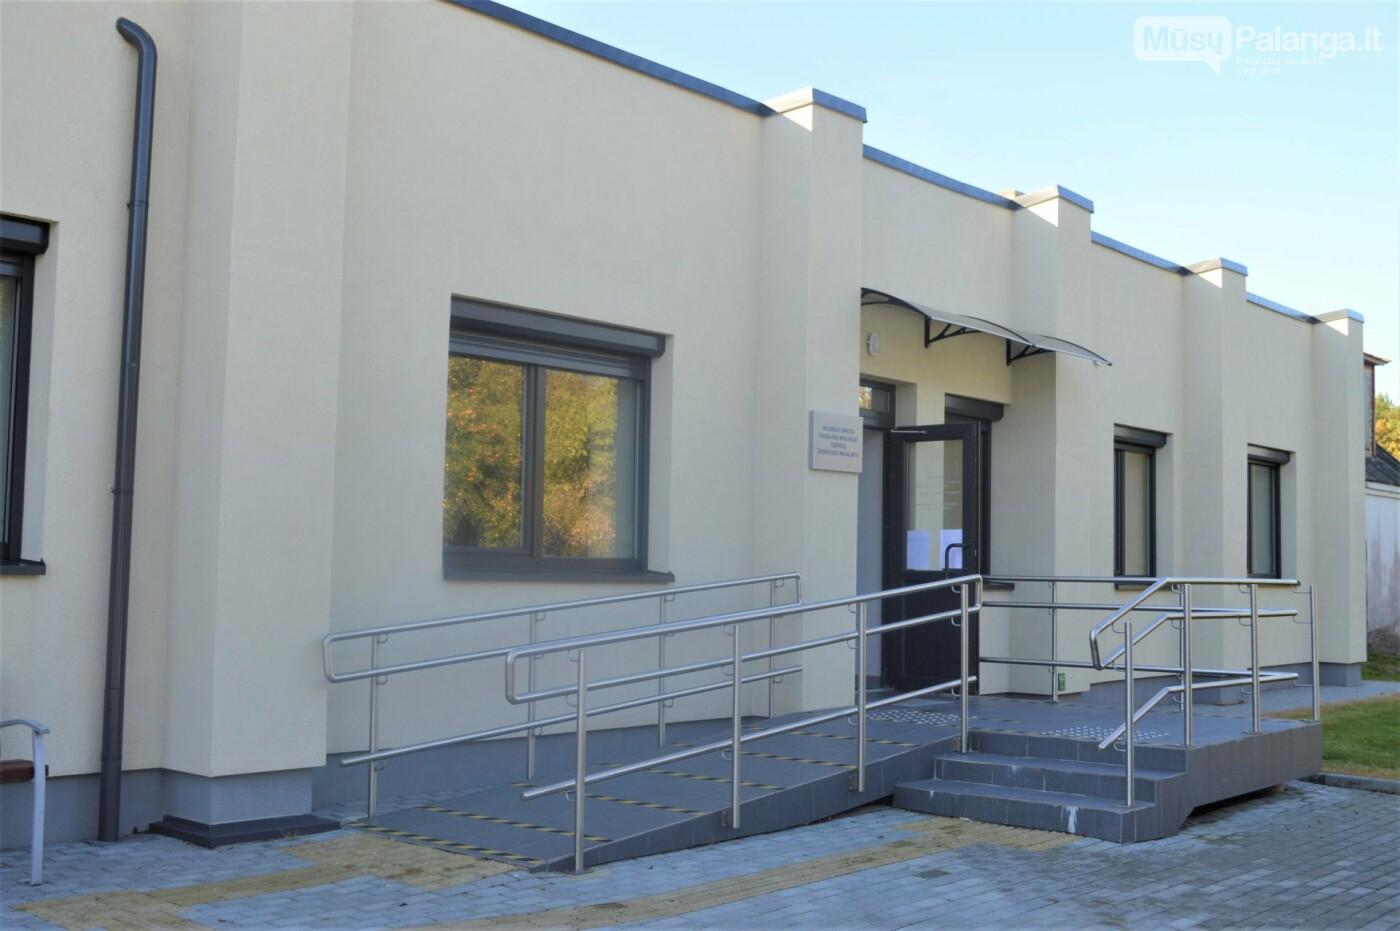 Šventosios seniūnijoje atidarytas Palangos miesto socialinių paslaugų centro padalinys, nuotrauka-1